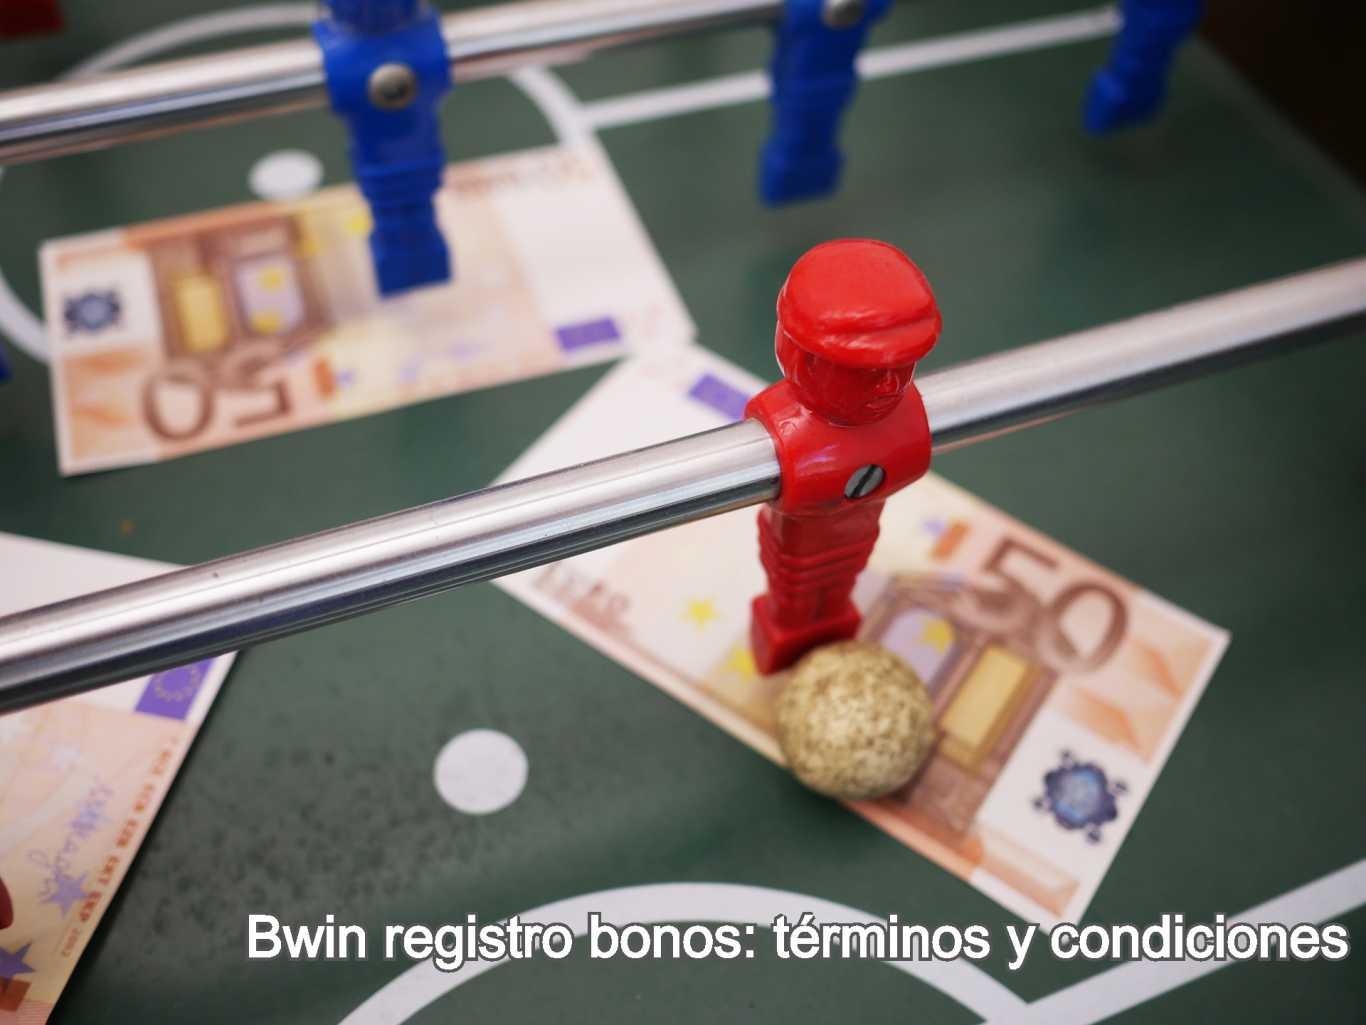 Bwin registro bonos: términos y condiciones